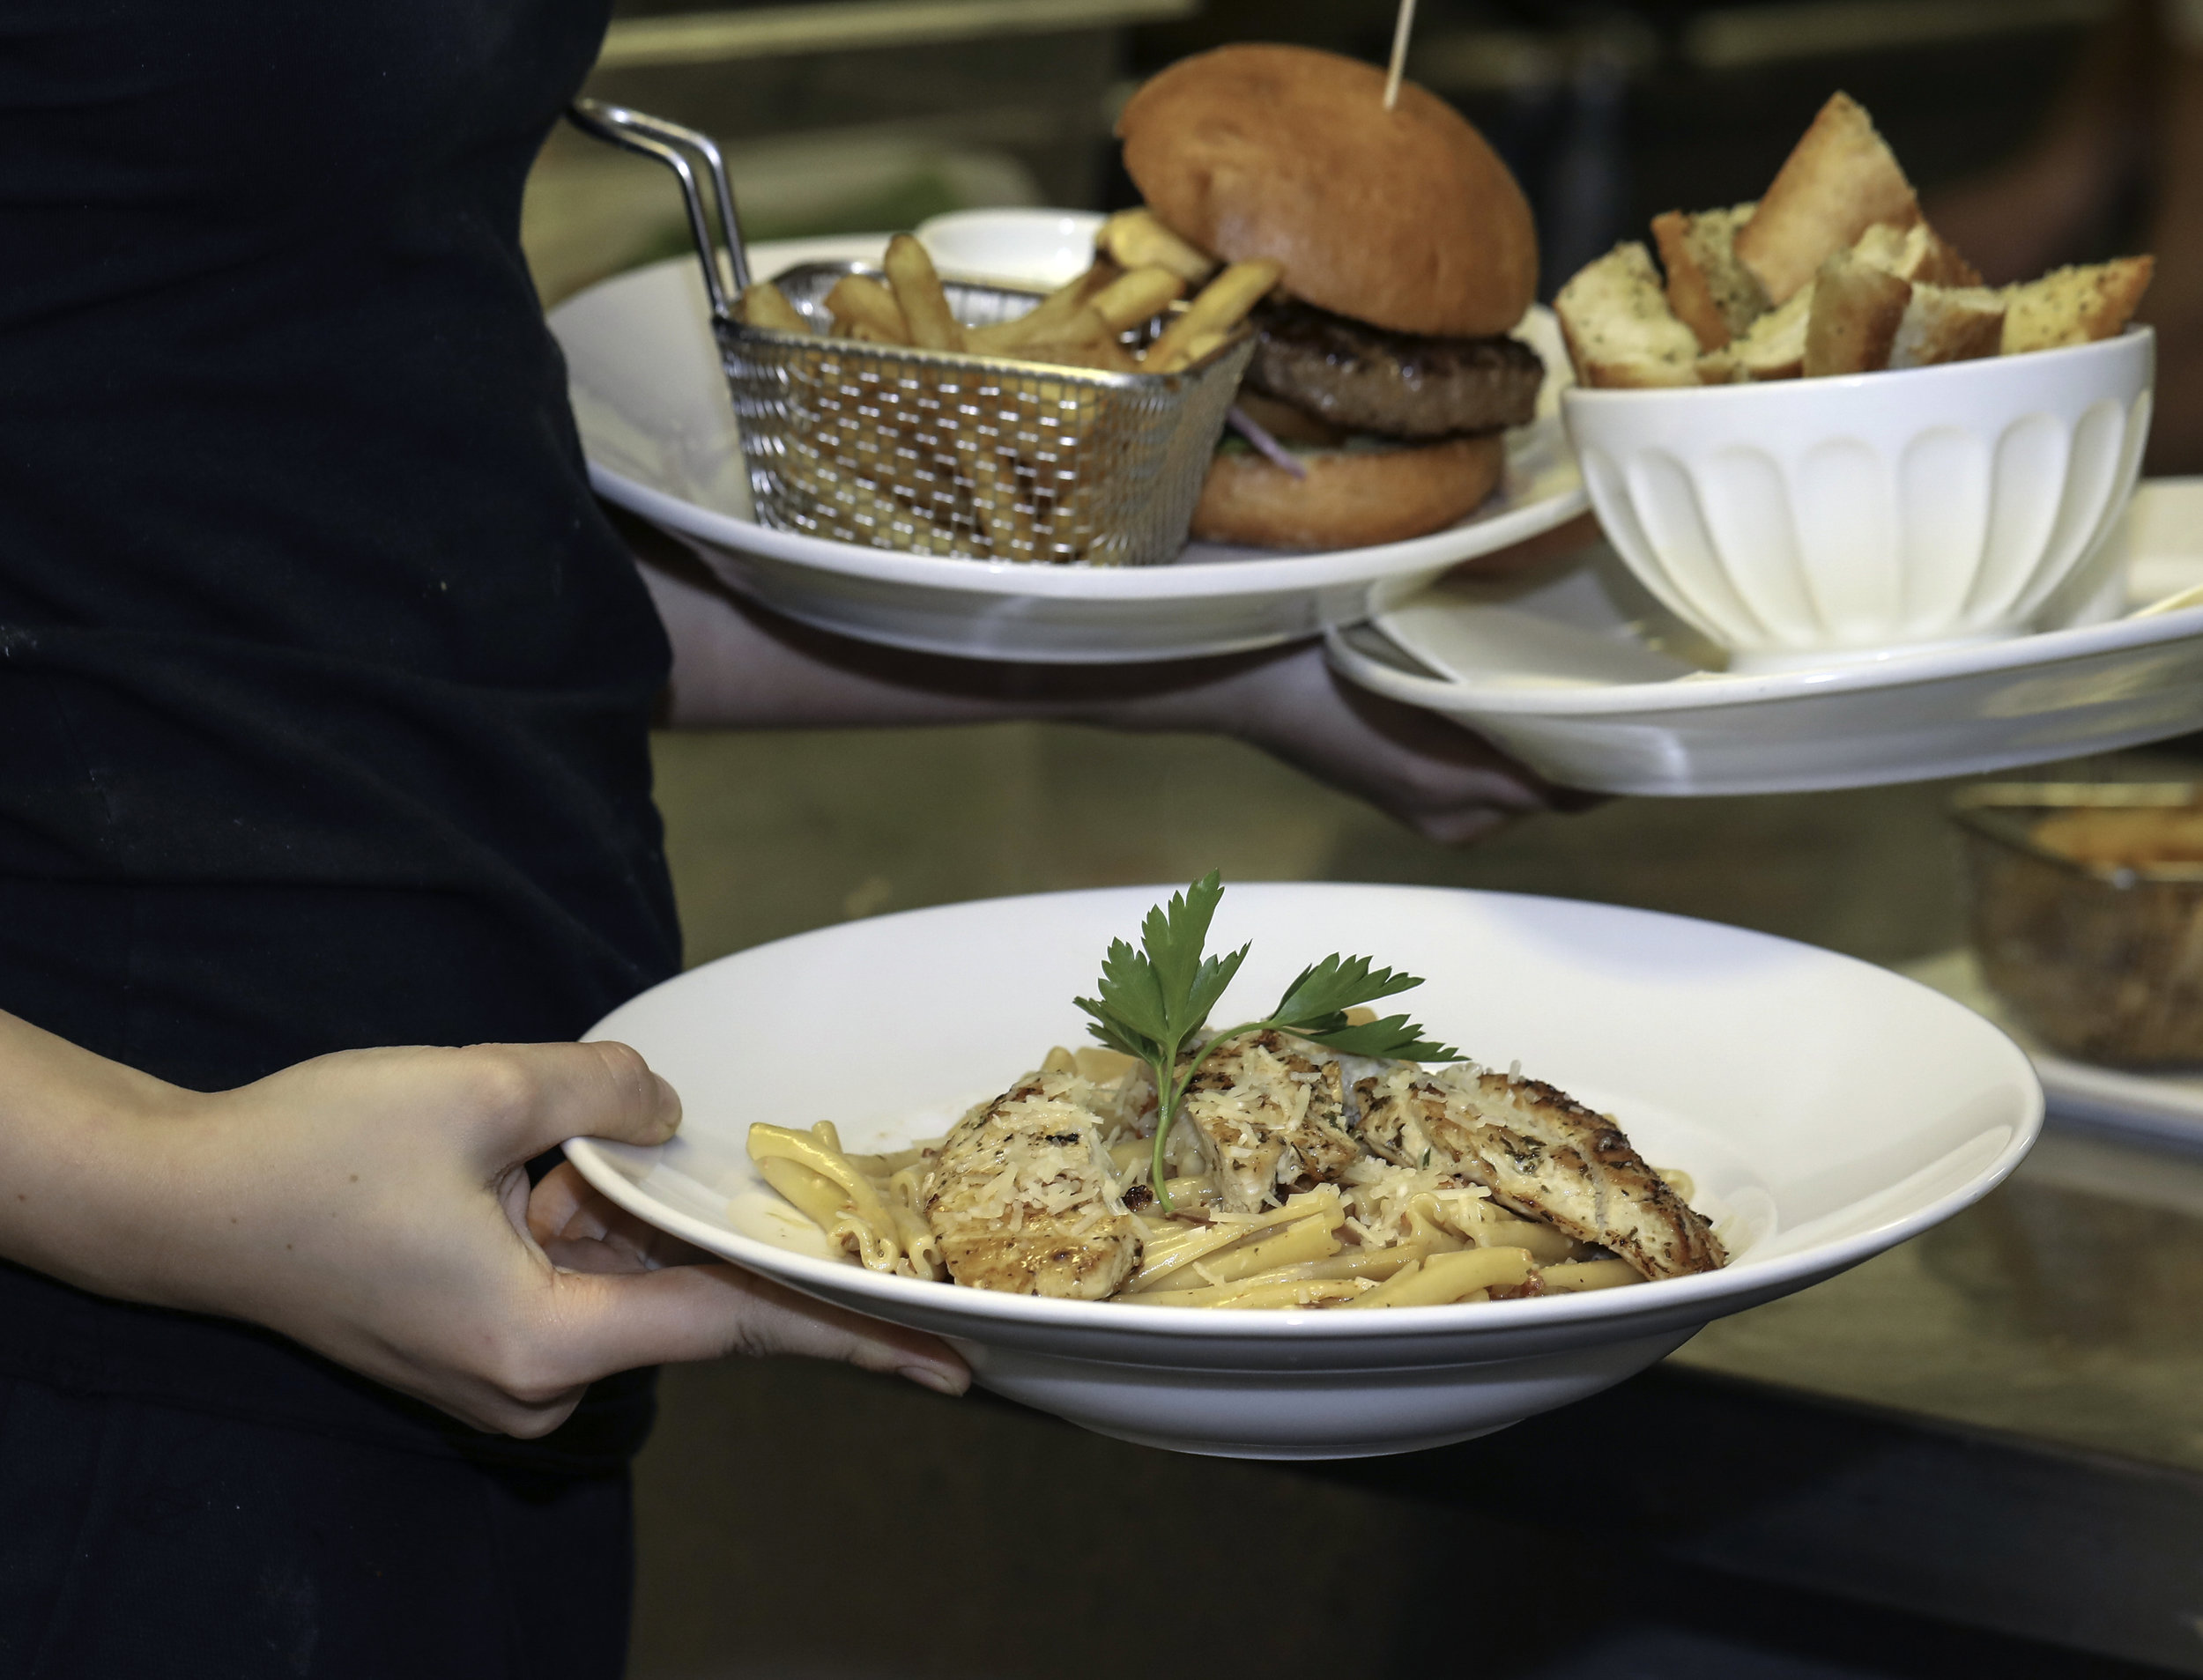 Välkommen till oss på Stures! - Kom in och prova vår trevliga à la carte meny!